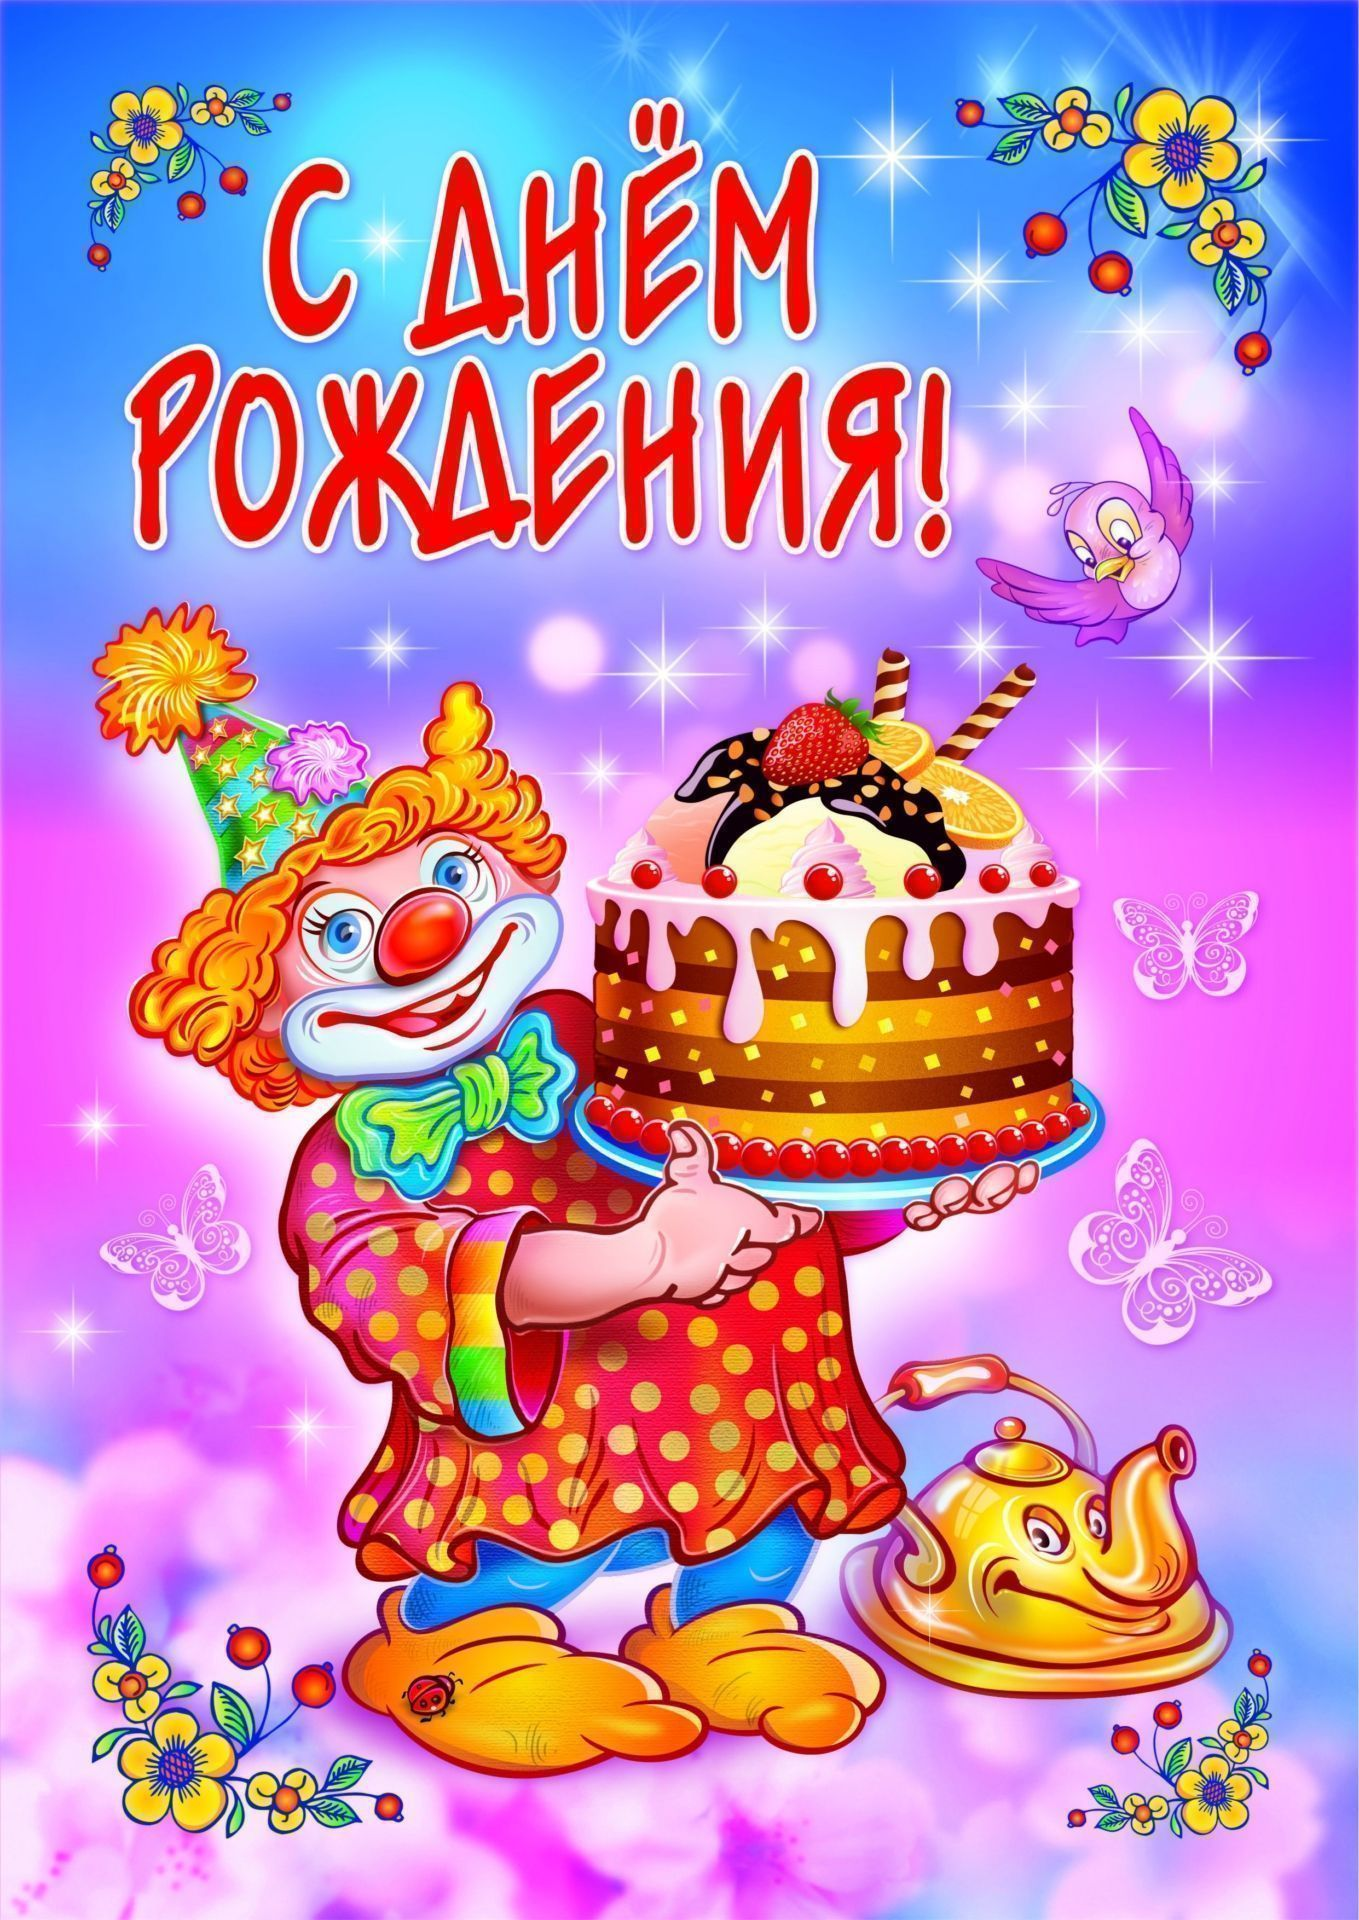 С днём рождения! (открытка)С Днём рождения!<br>.<br><br>Год: 2017<br>Высота: 297<br>Ширина: 210